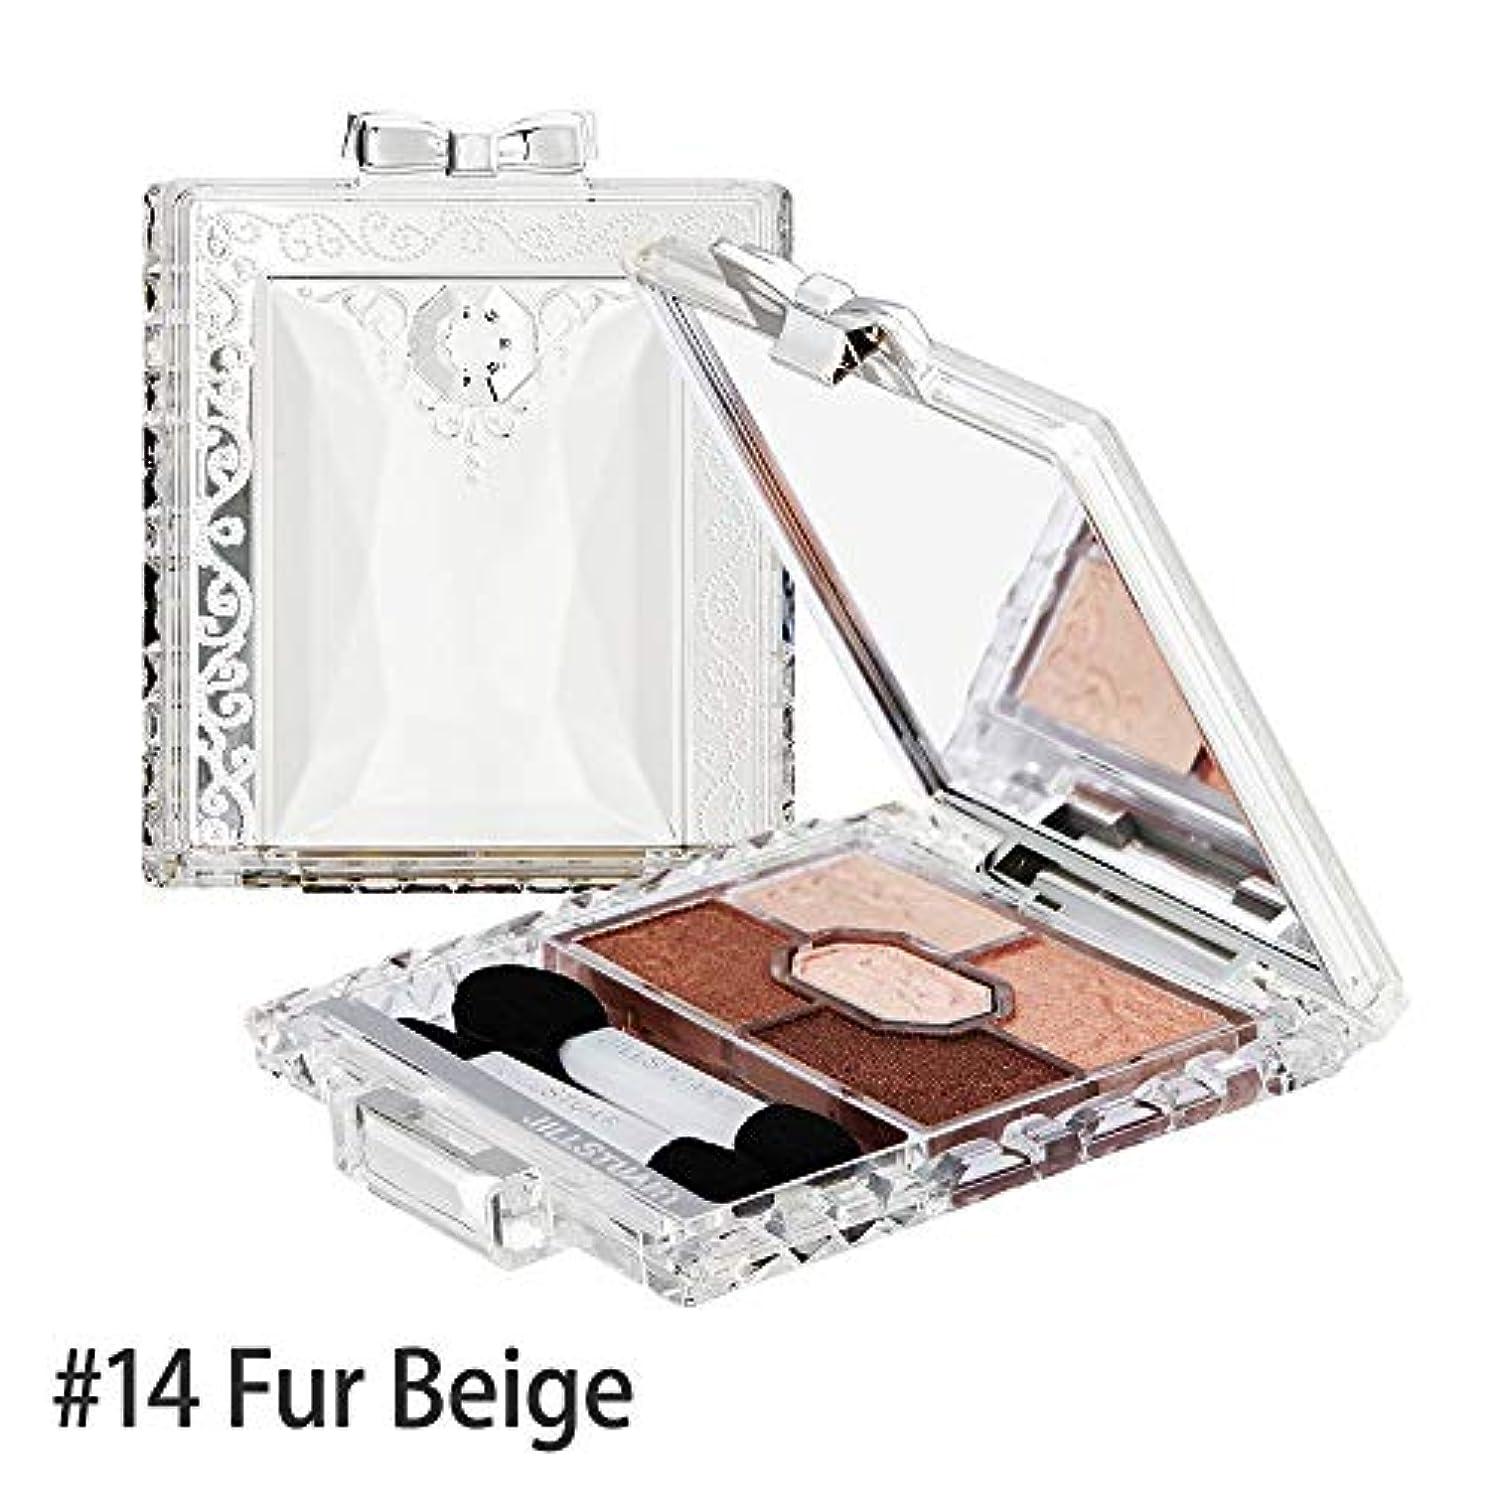 艶限られた絶え間ないJILLSTUART(ジルスチュアート) リボンクチュール アイズ 14 fur beige 4.7g [並行輸入品]